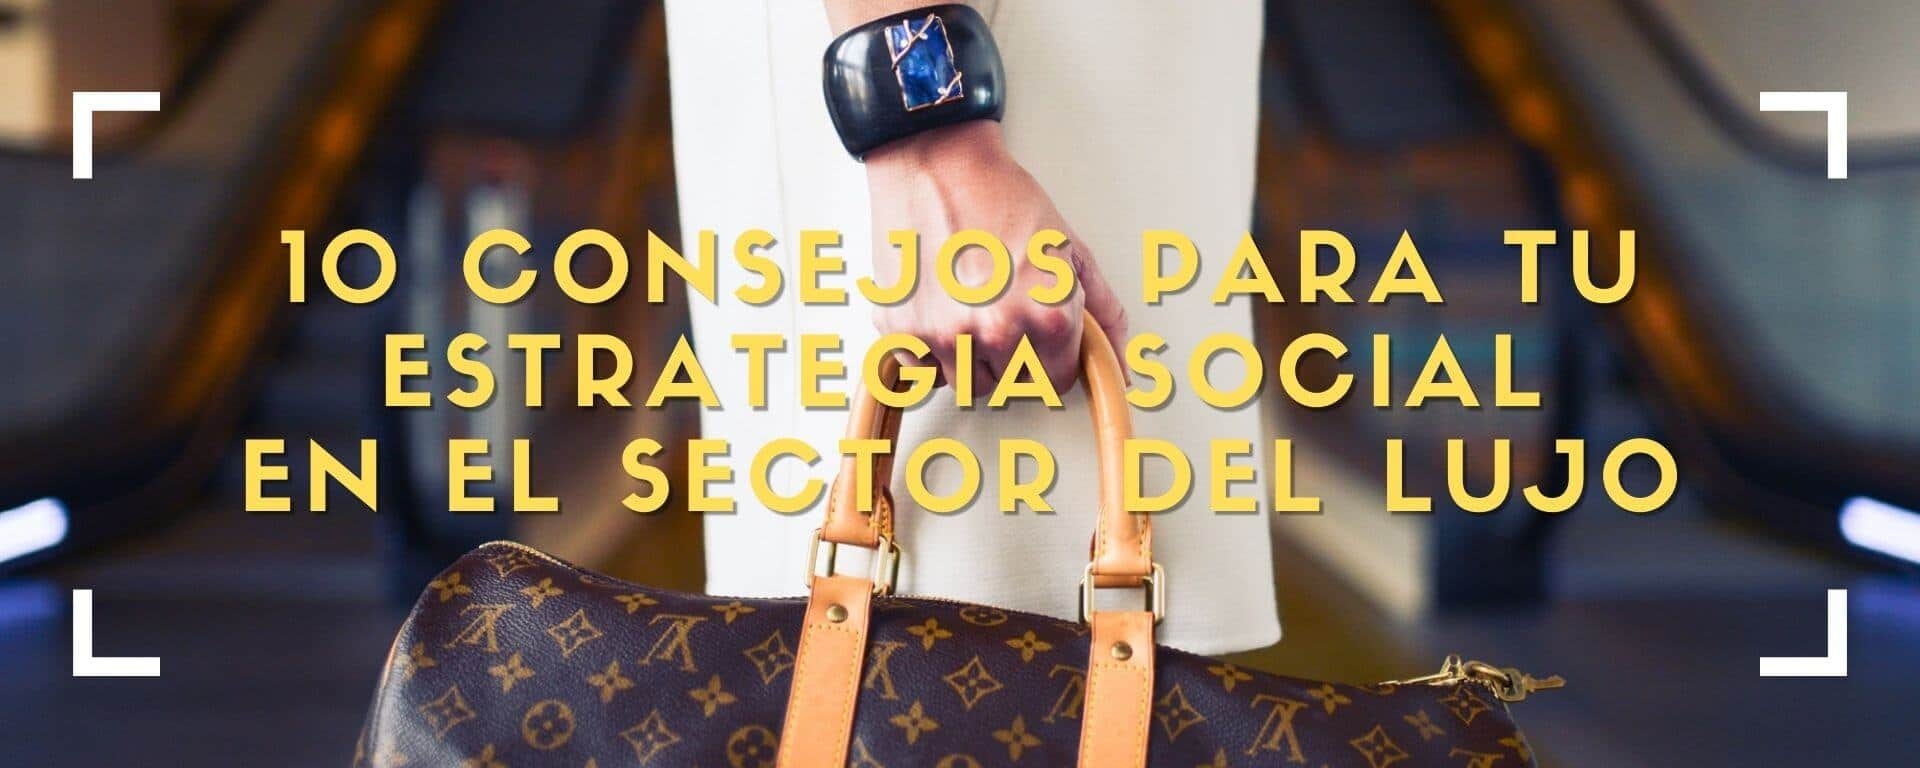 10 consejos para tu estrategia social en el sector del lujo